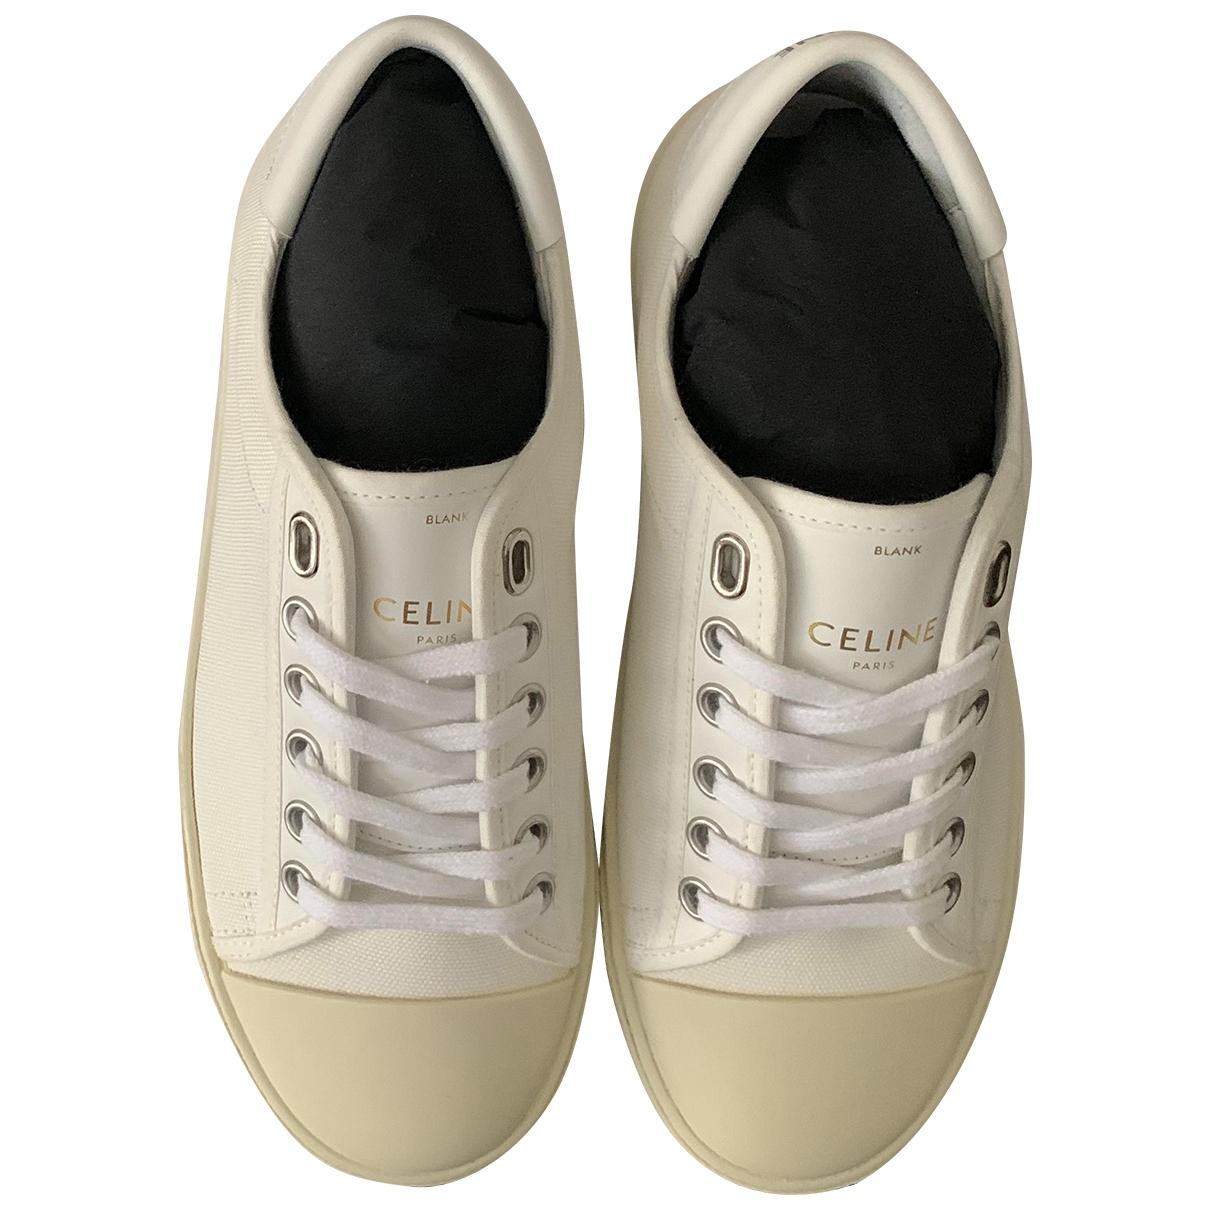 Celine \N Sneakers in  Weiss Leinen